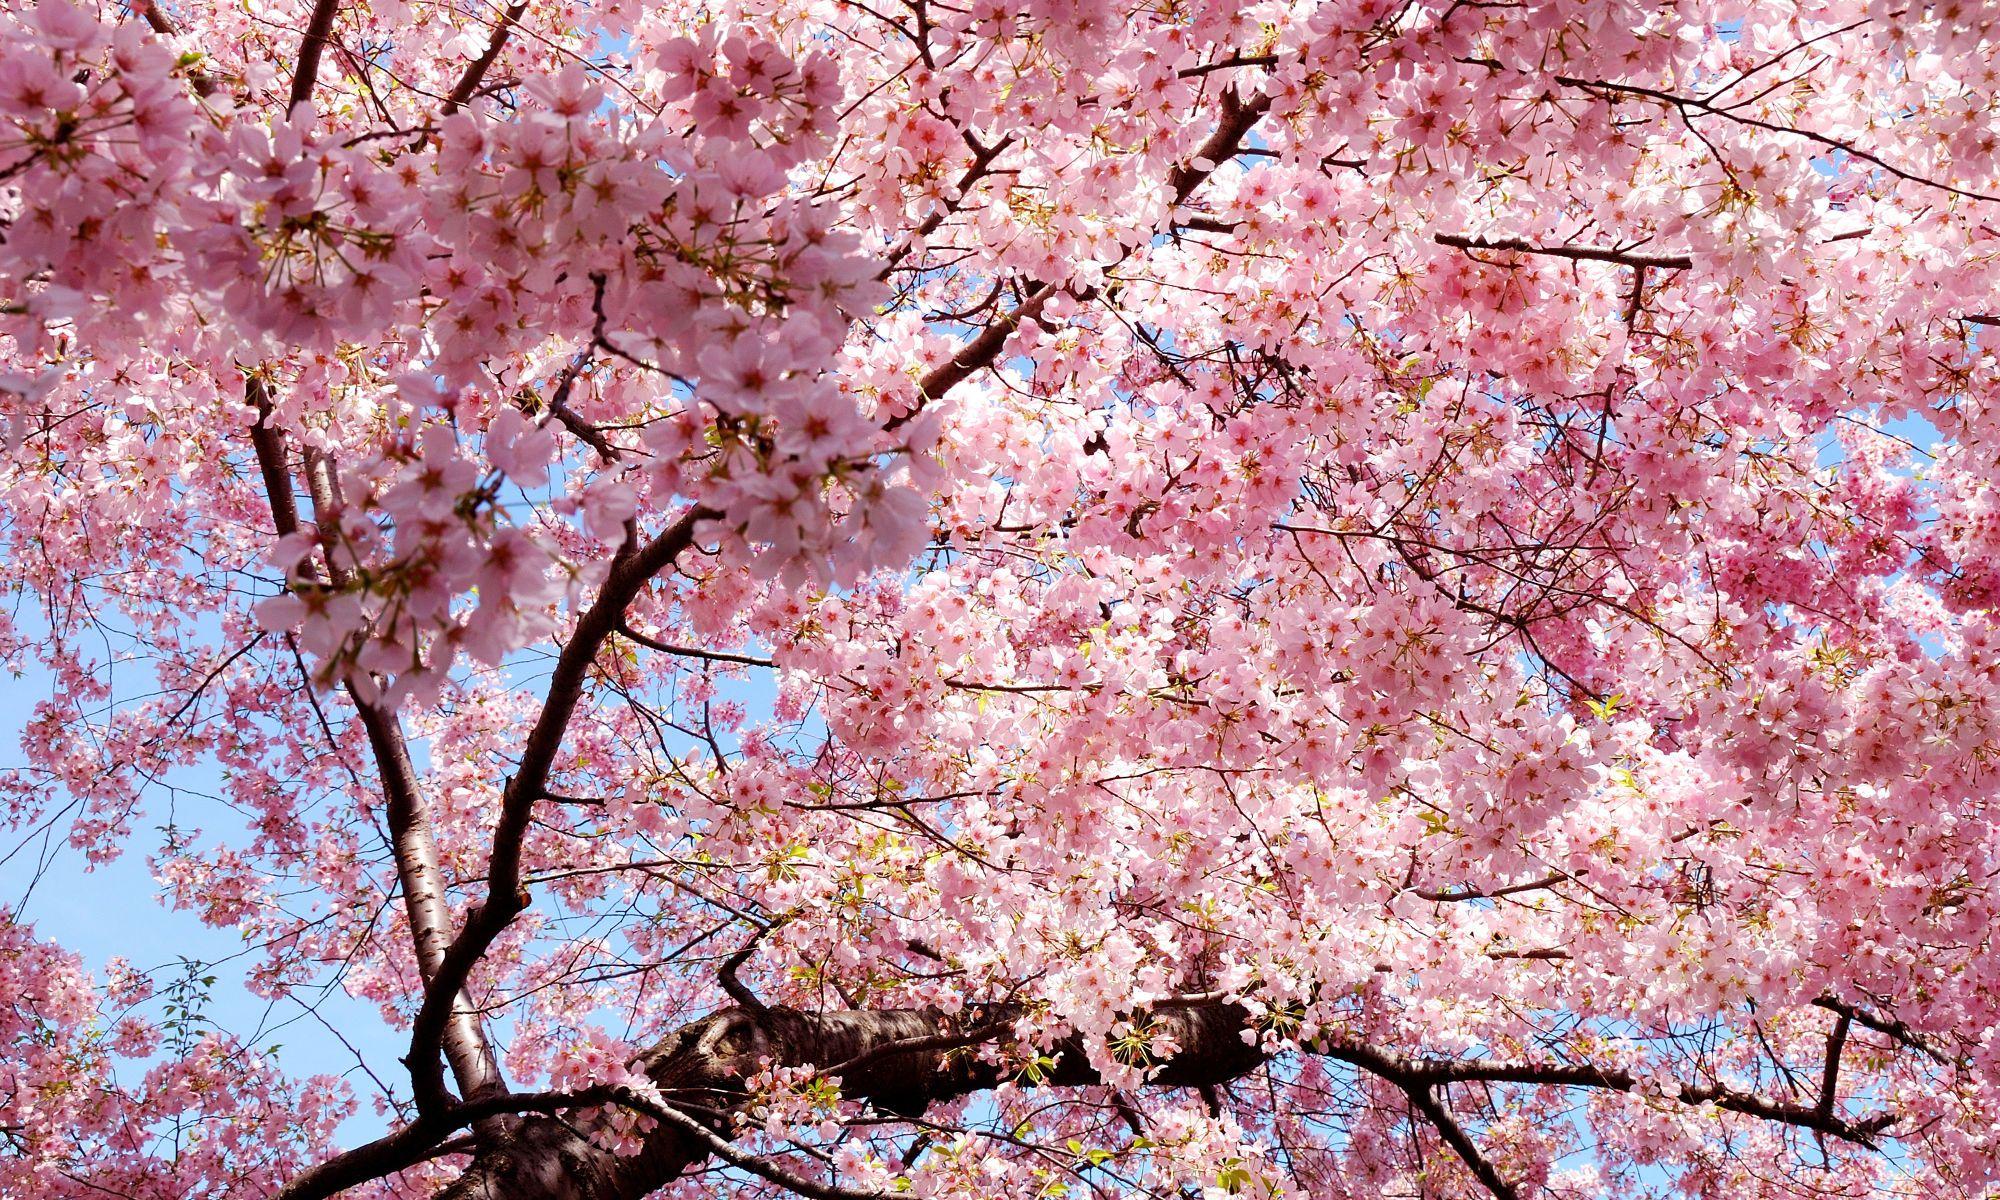 Pin Oleh Ria Catur Di Sakura Bunga Sakura Sakura Bunga